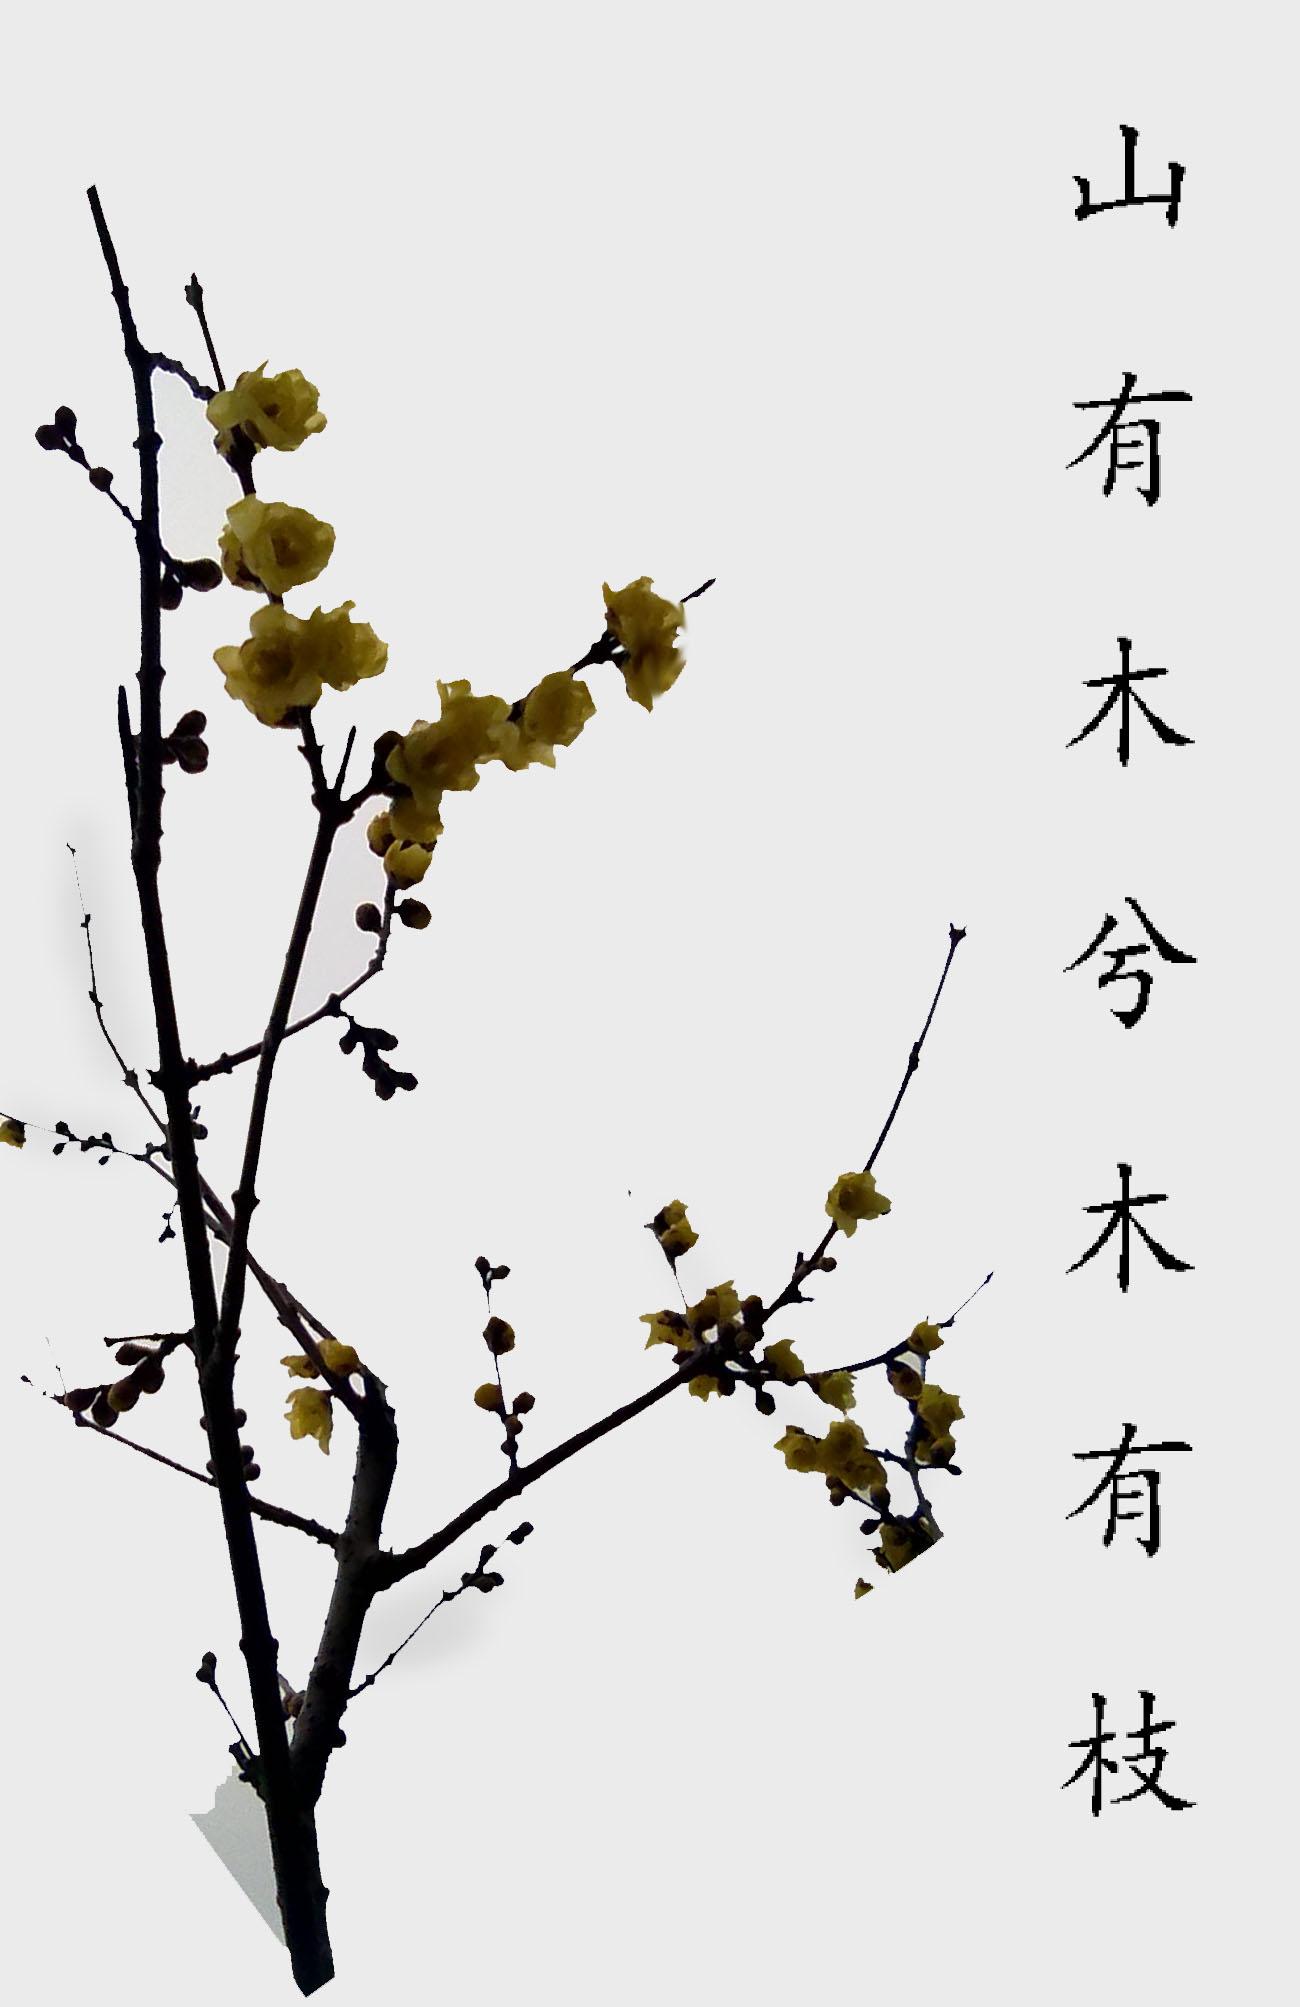 你读过最孤独的诗是哪一句:山有木兮木有枝,心悦君兮君不知